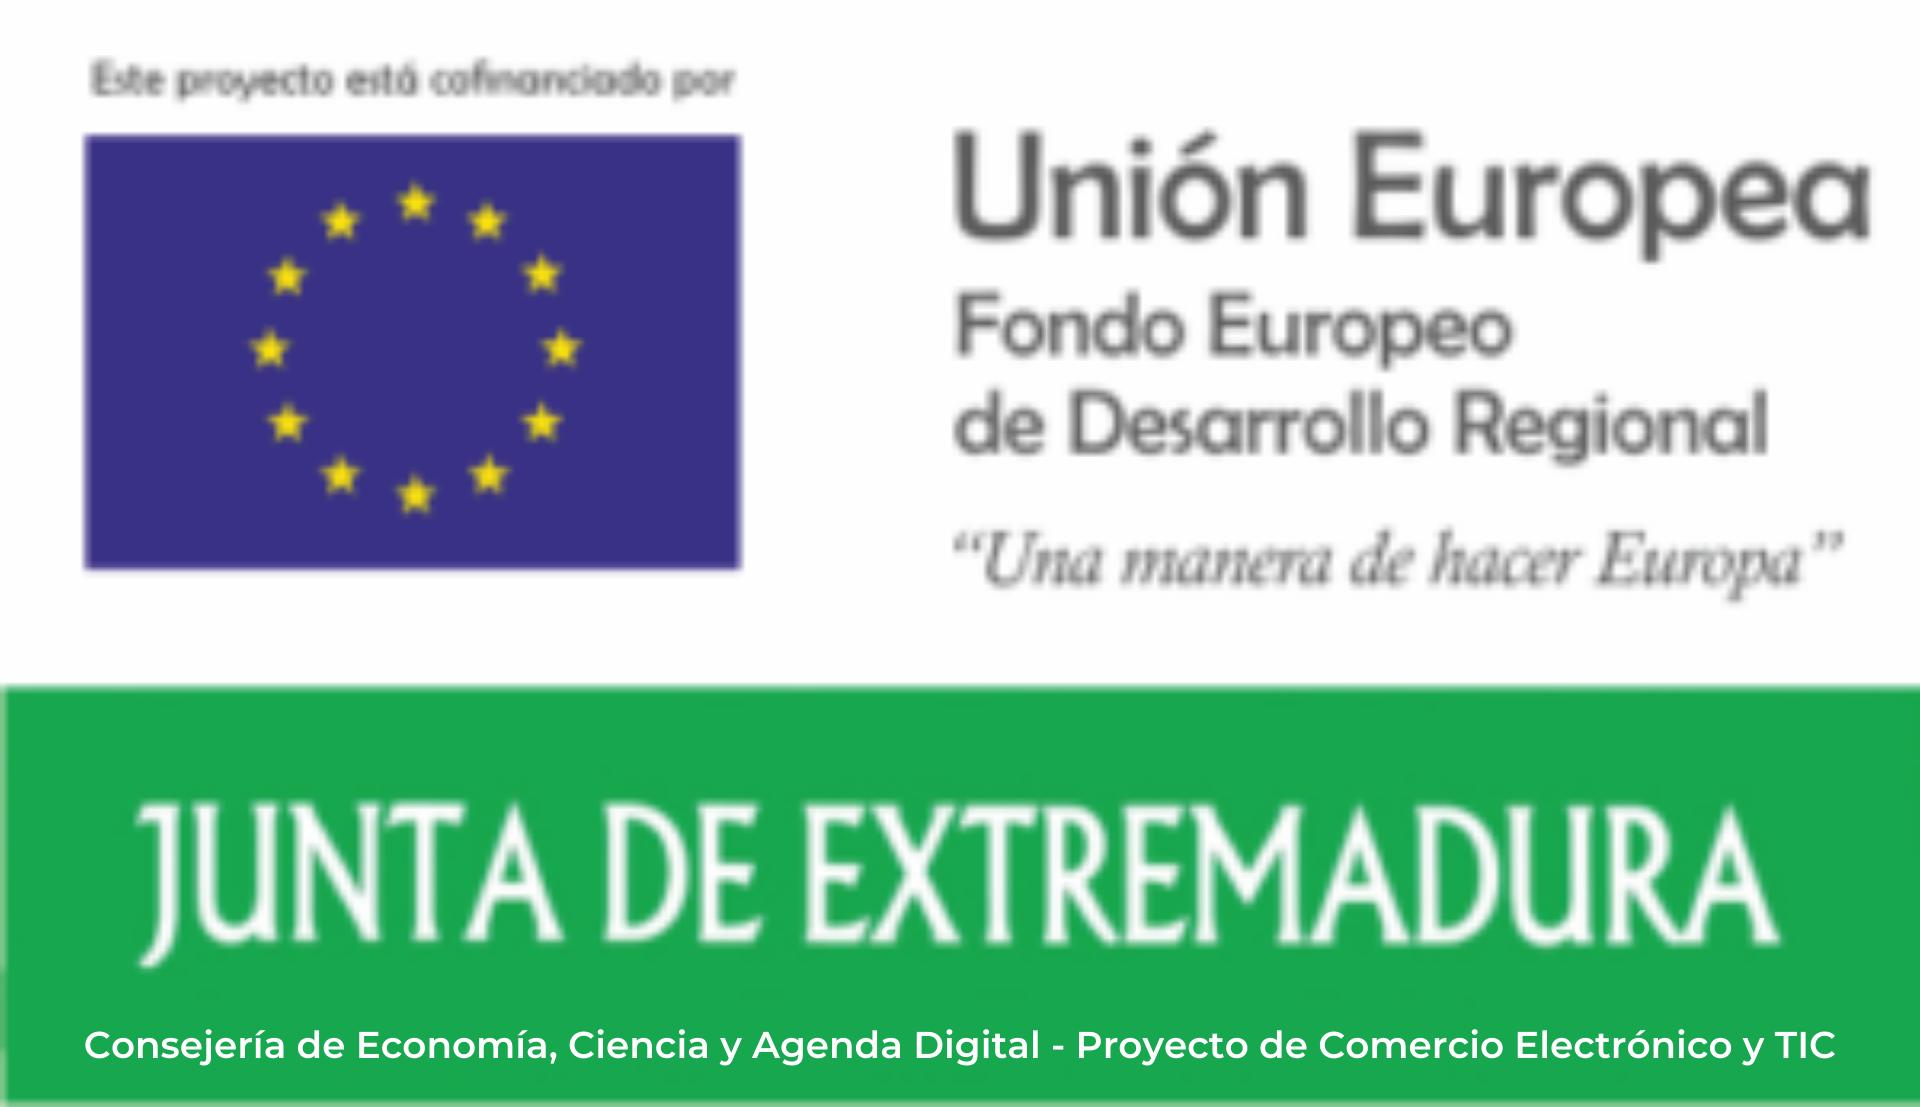 Consejería de Economía, Ciencia y Agenda Digital - Proyecto de Comercio Electrónico y TIC